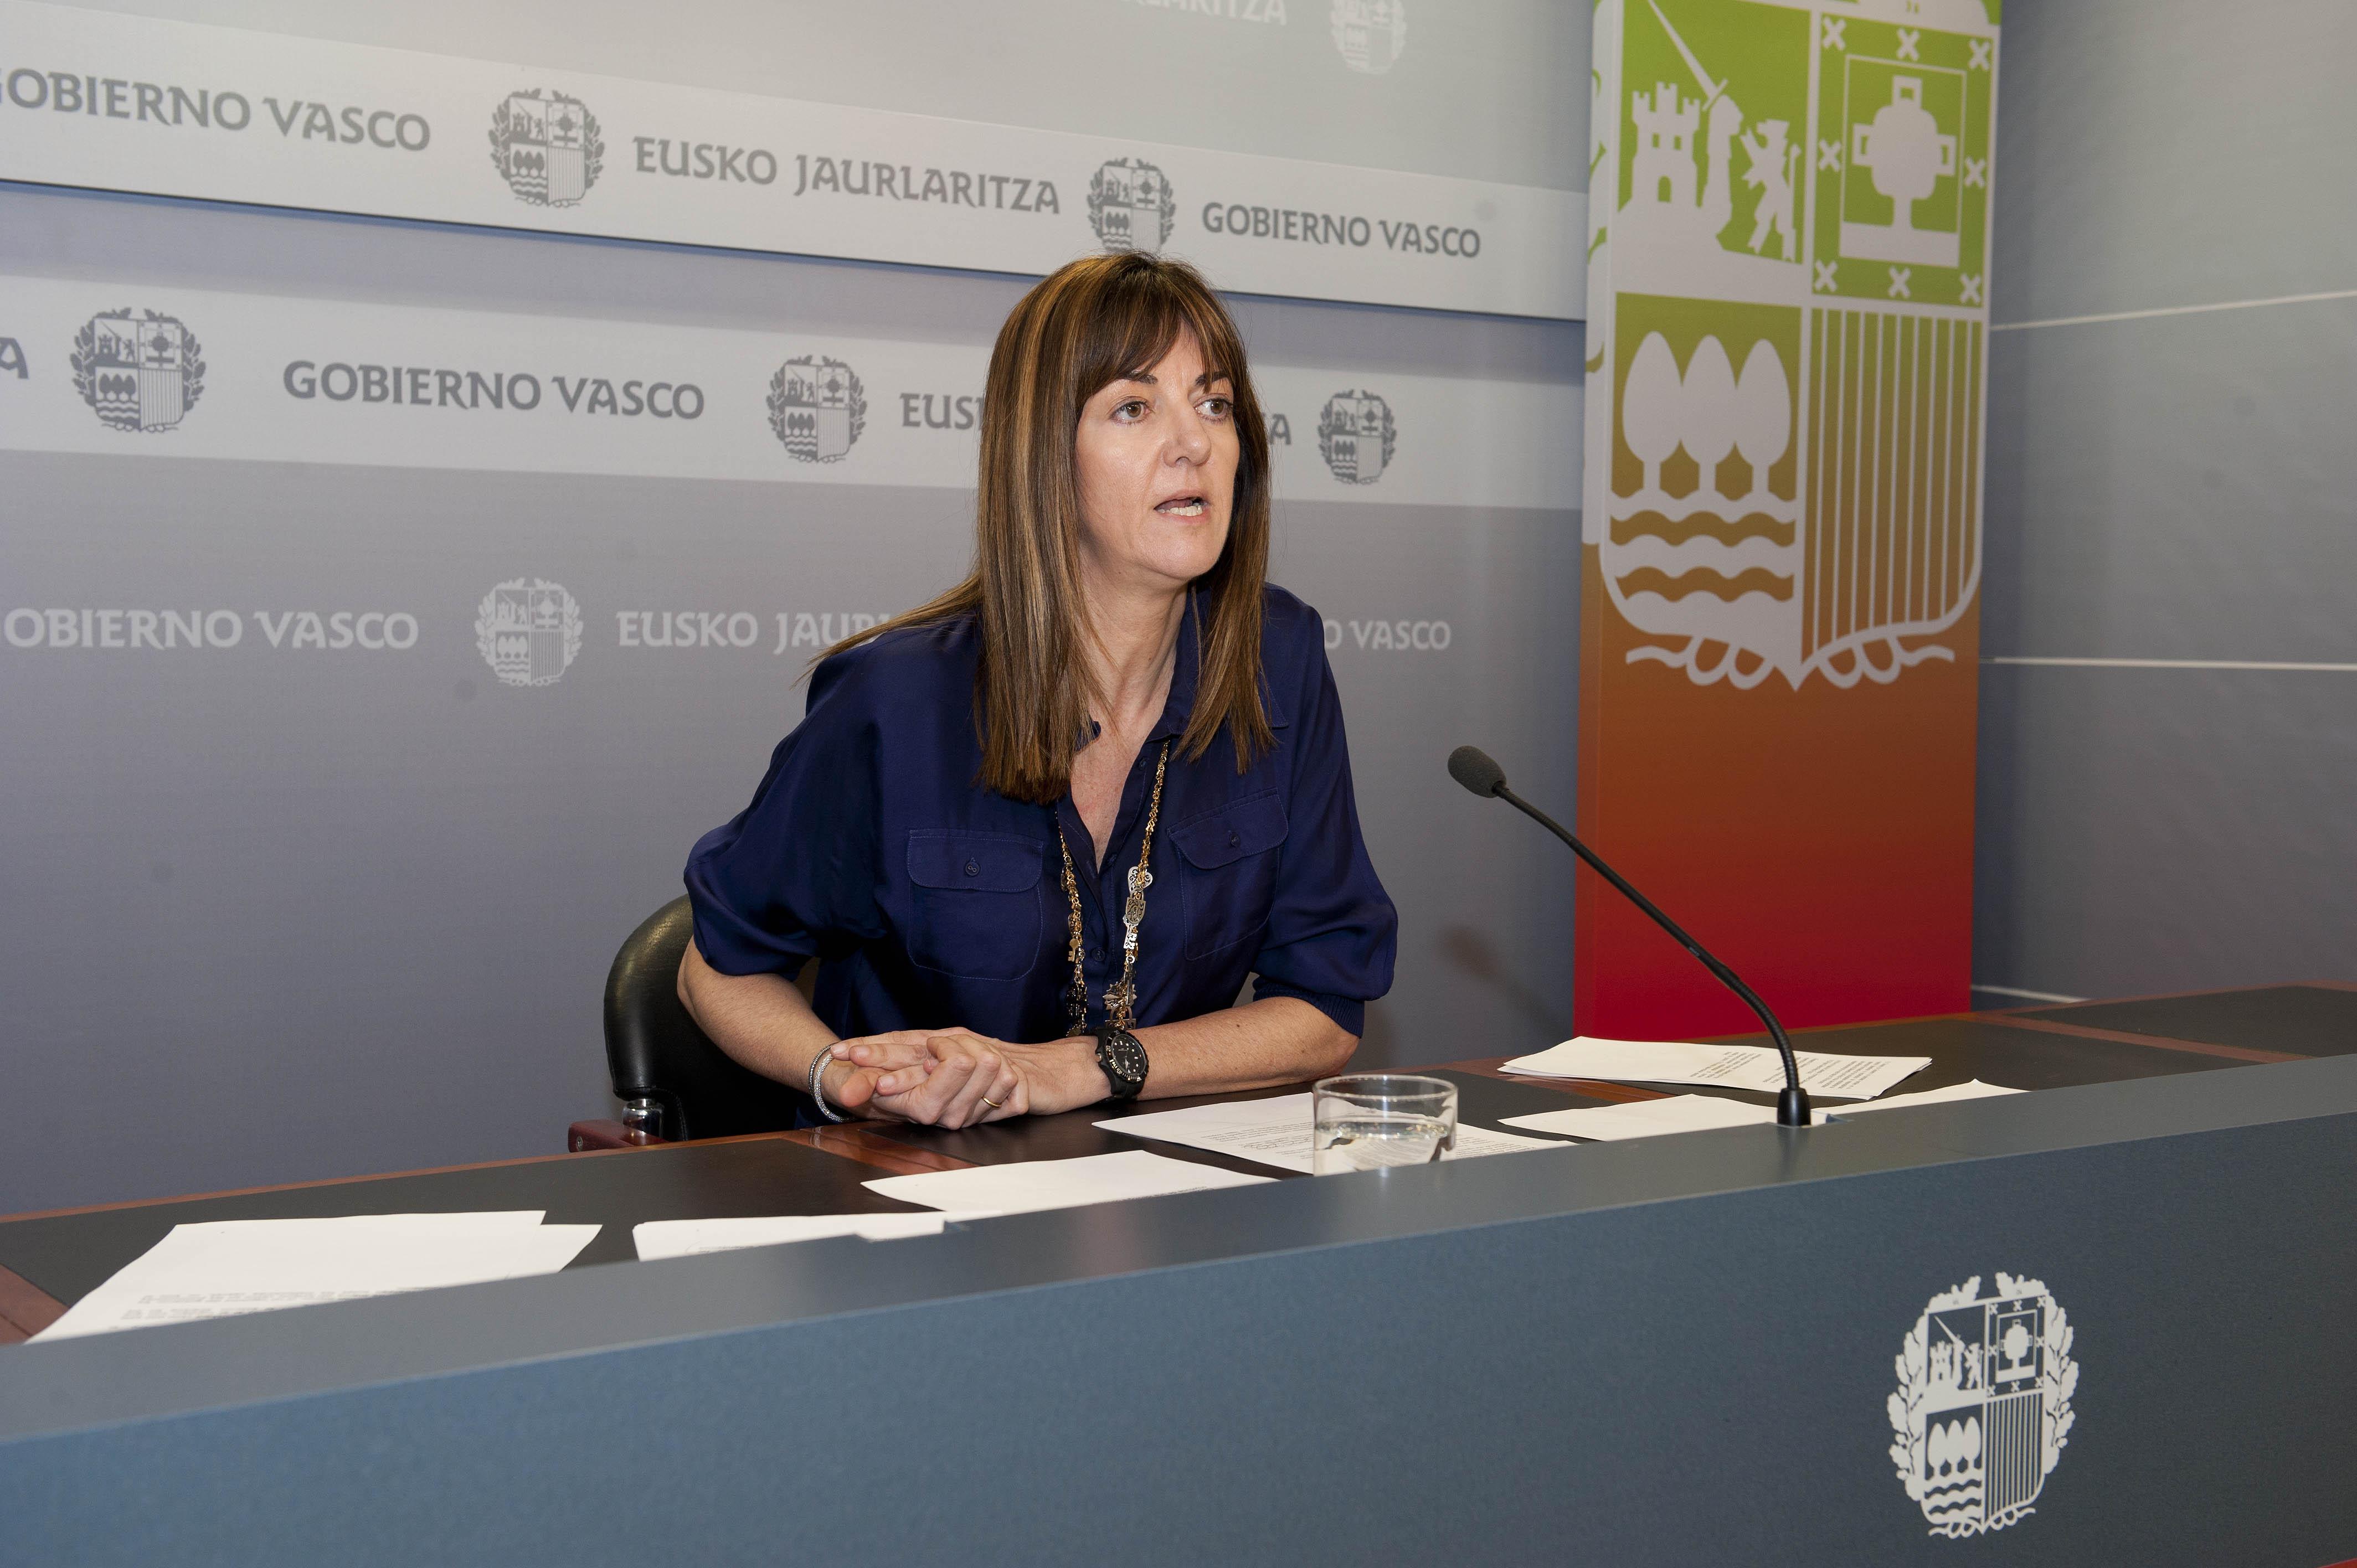 2012_03_13_media_rueda_prensa.jpg